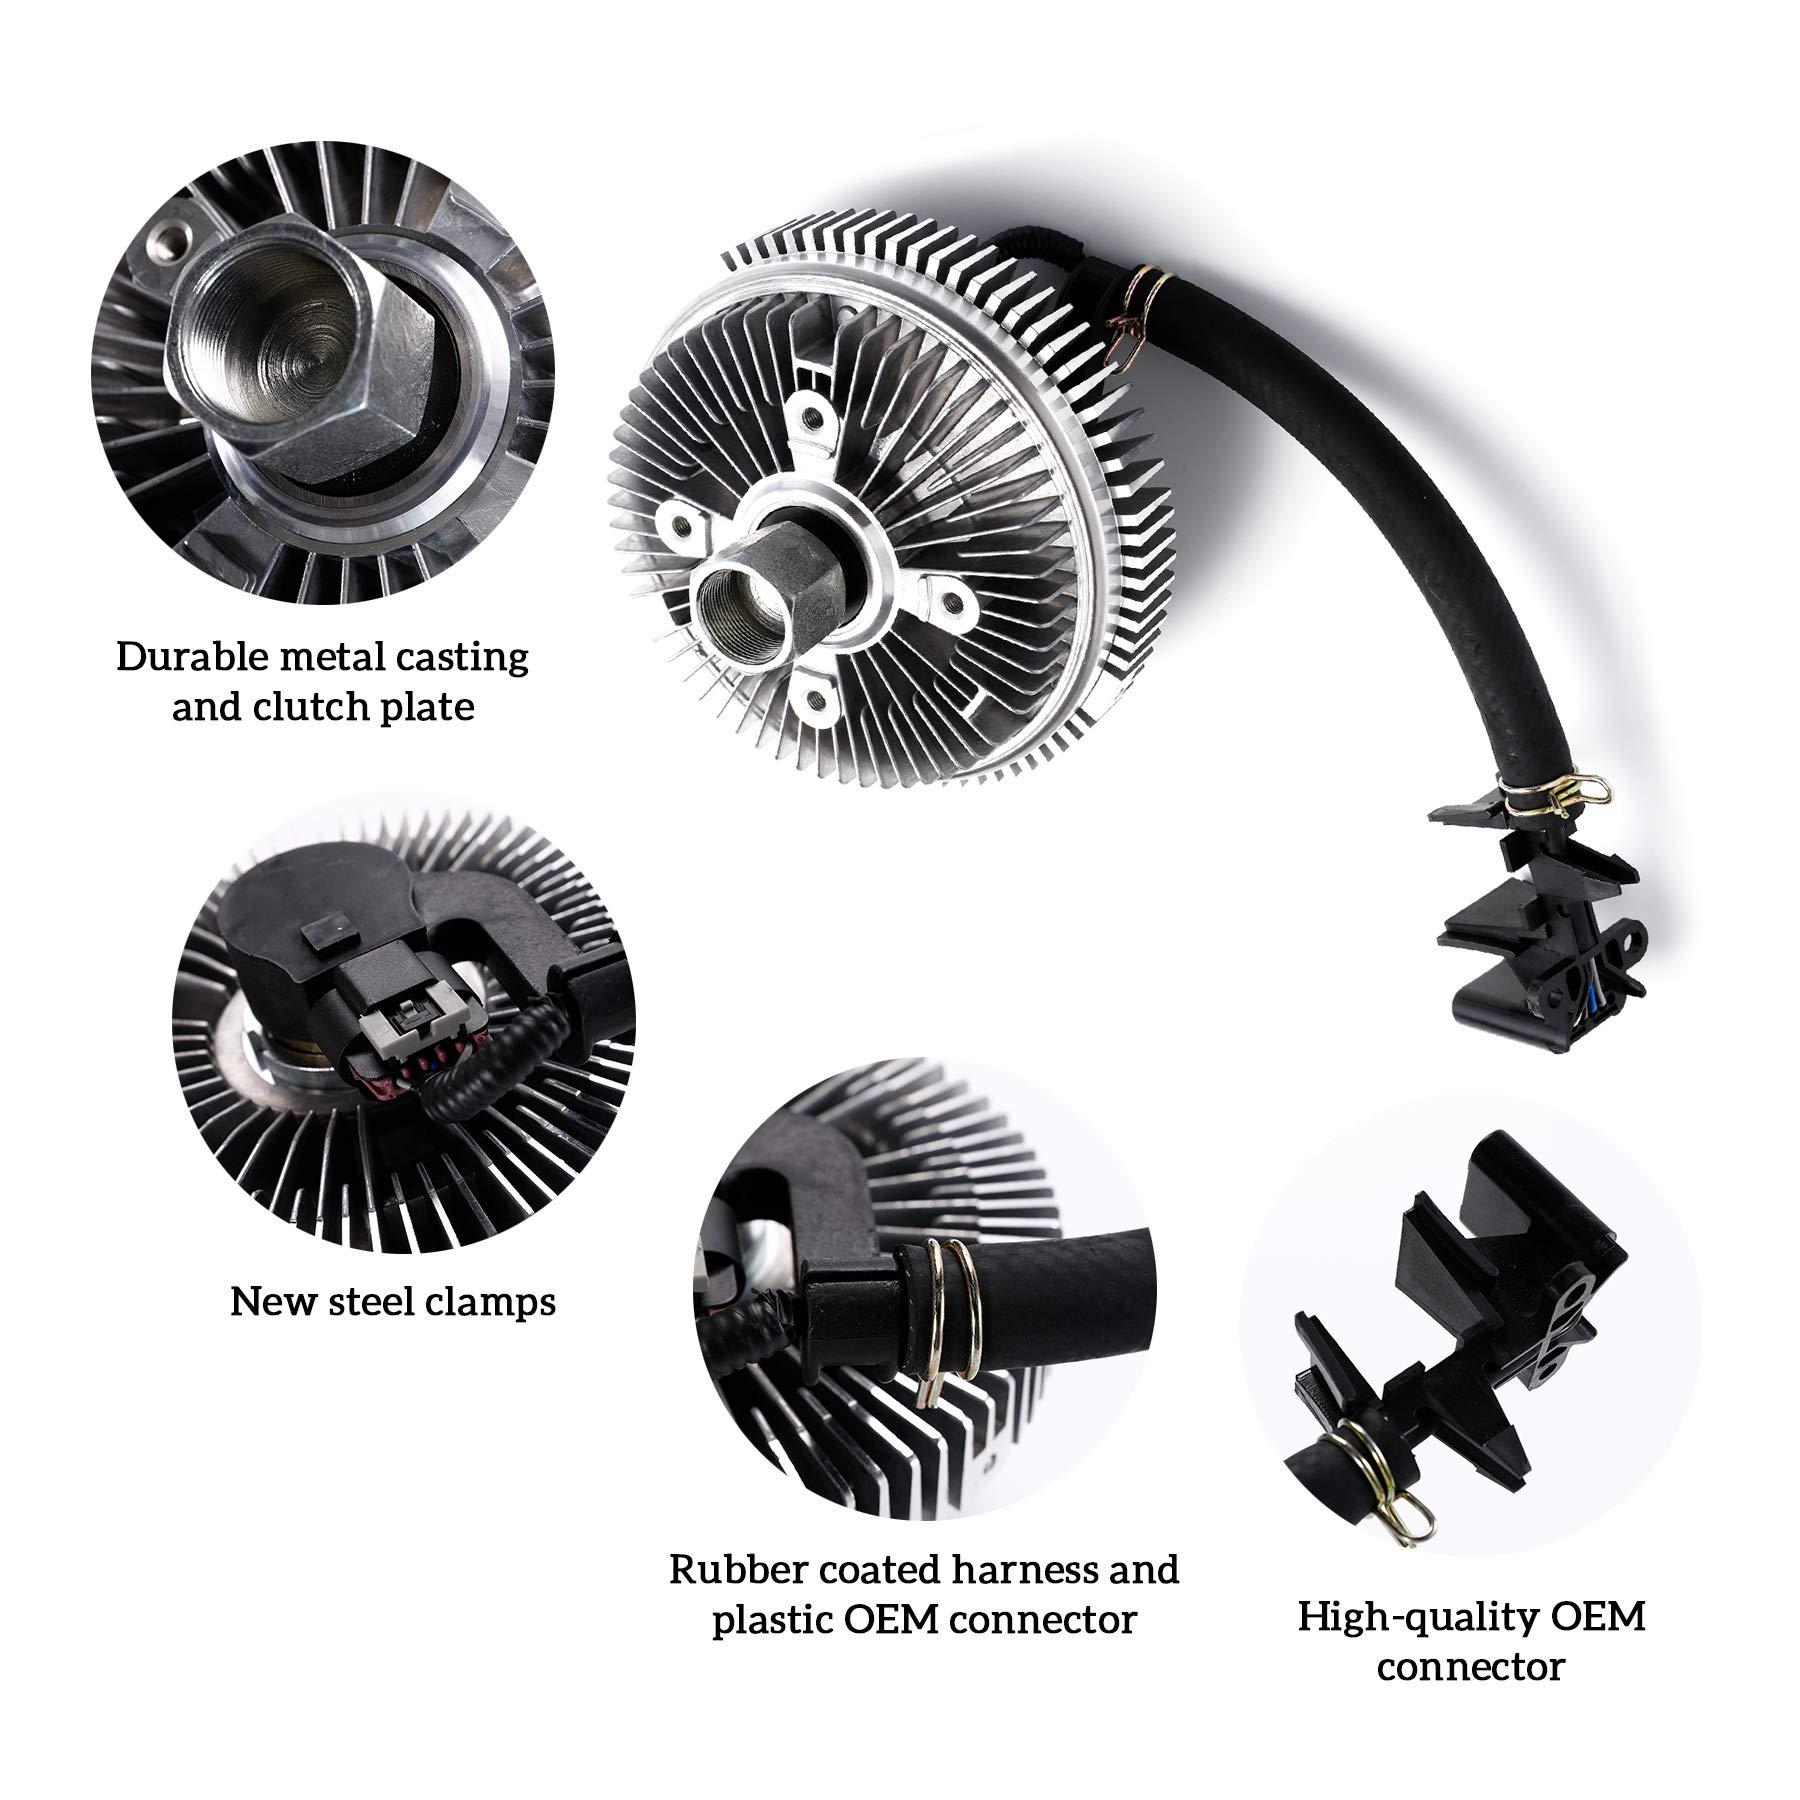 12-G3200 Electric Fan Clutch for 2003 Trailblazer Envoy Isuzu Ascender 4.2L 5.3L